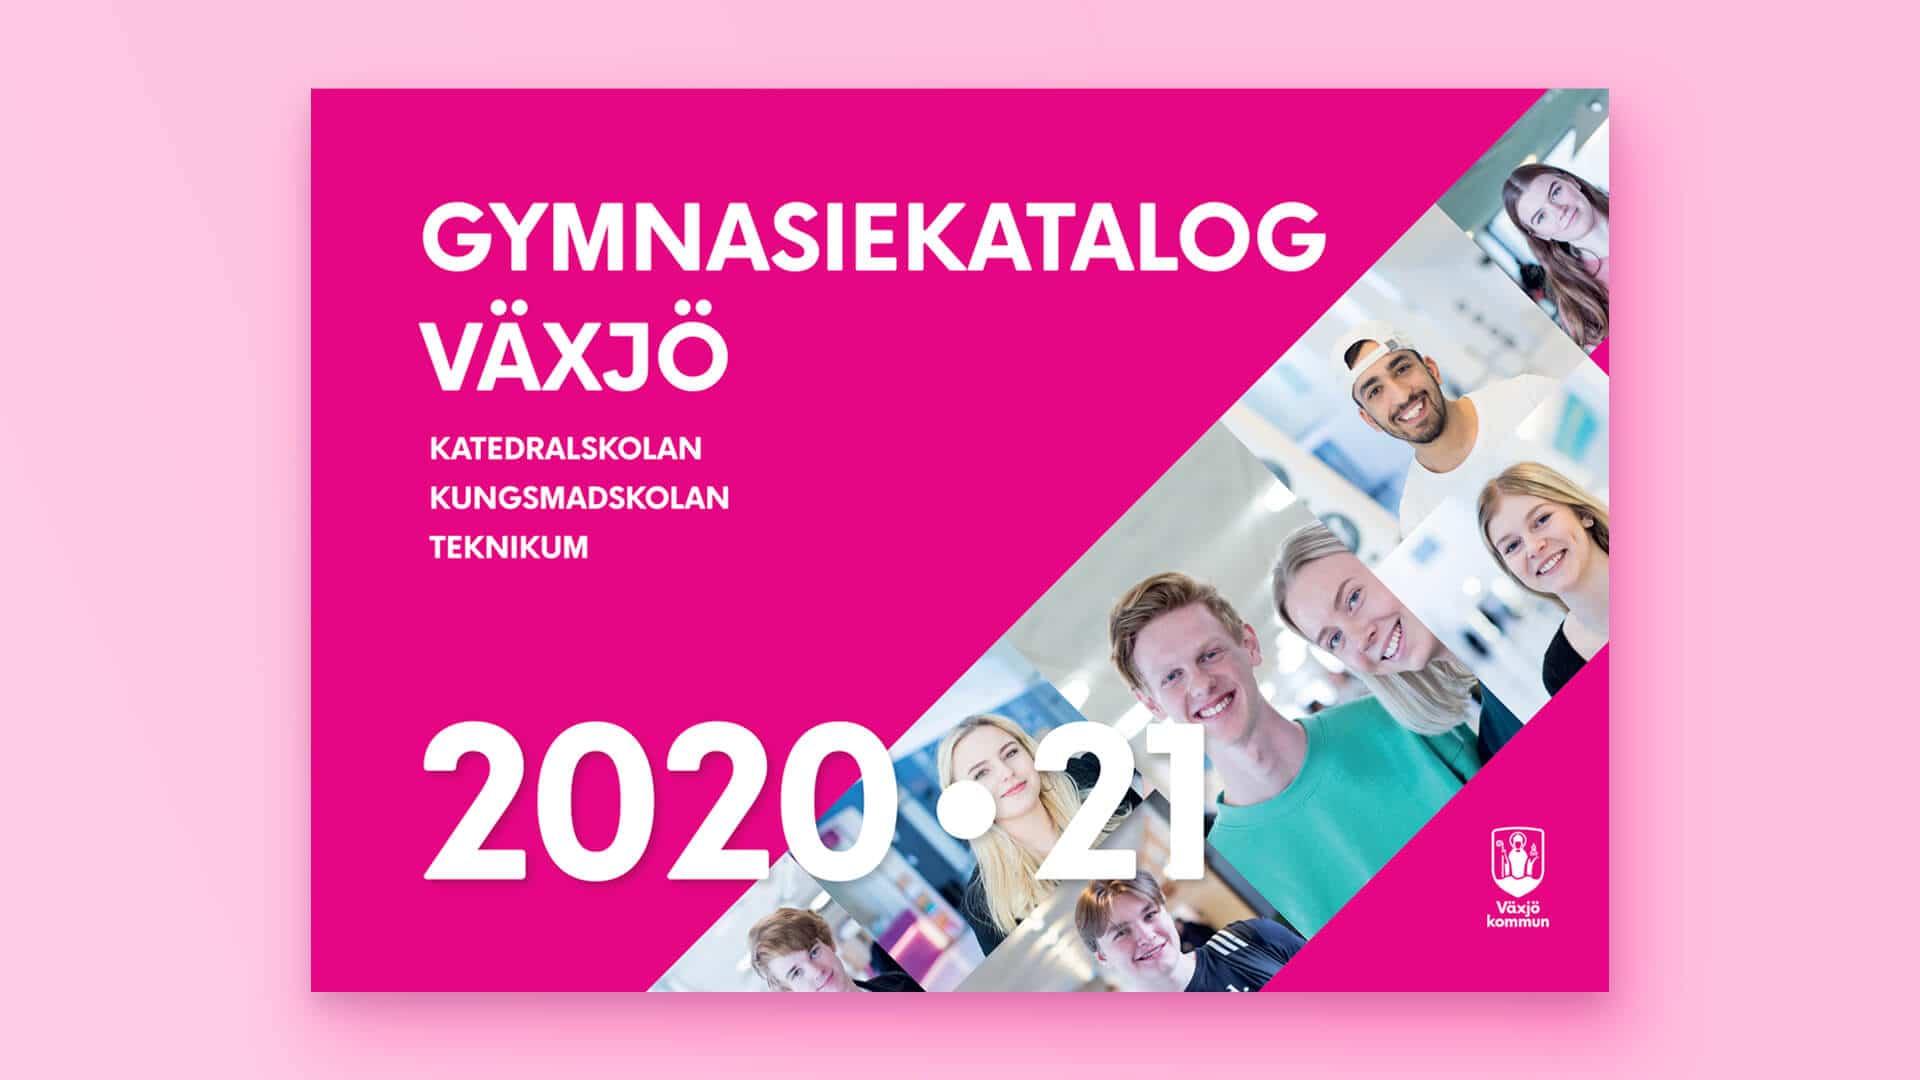 Växjö Kommun gymnasiekatalog